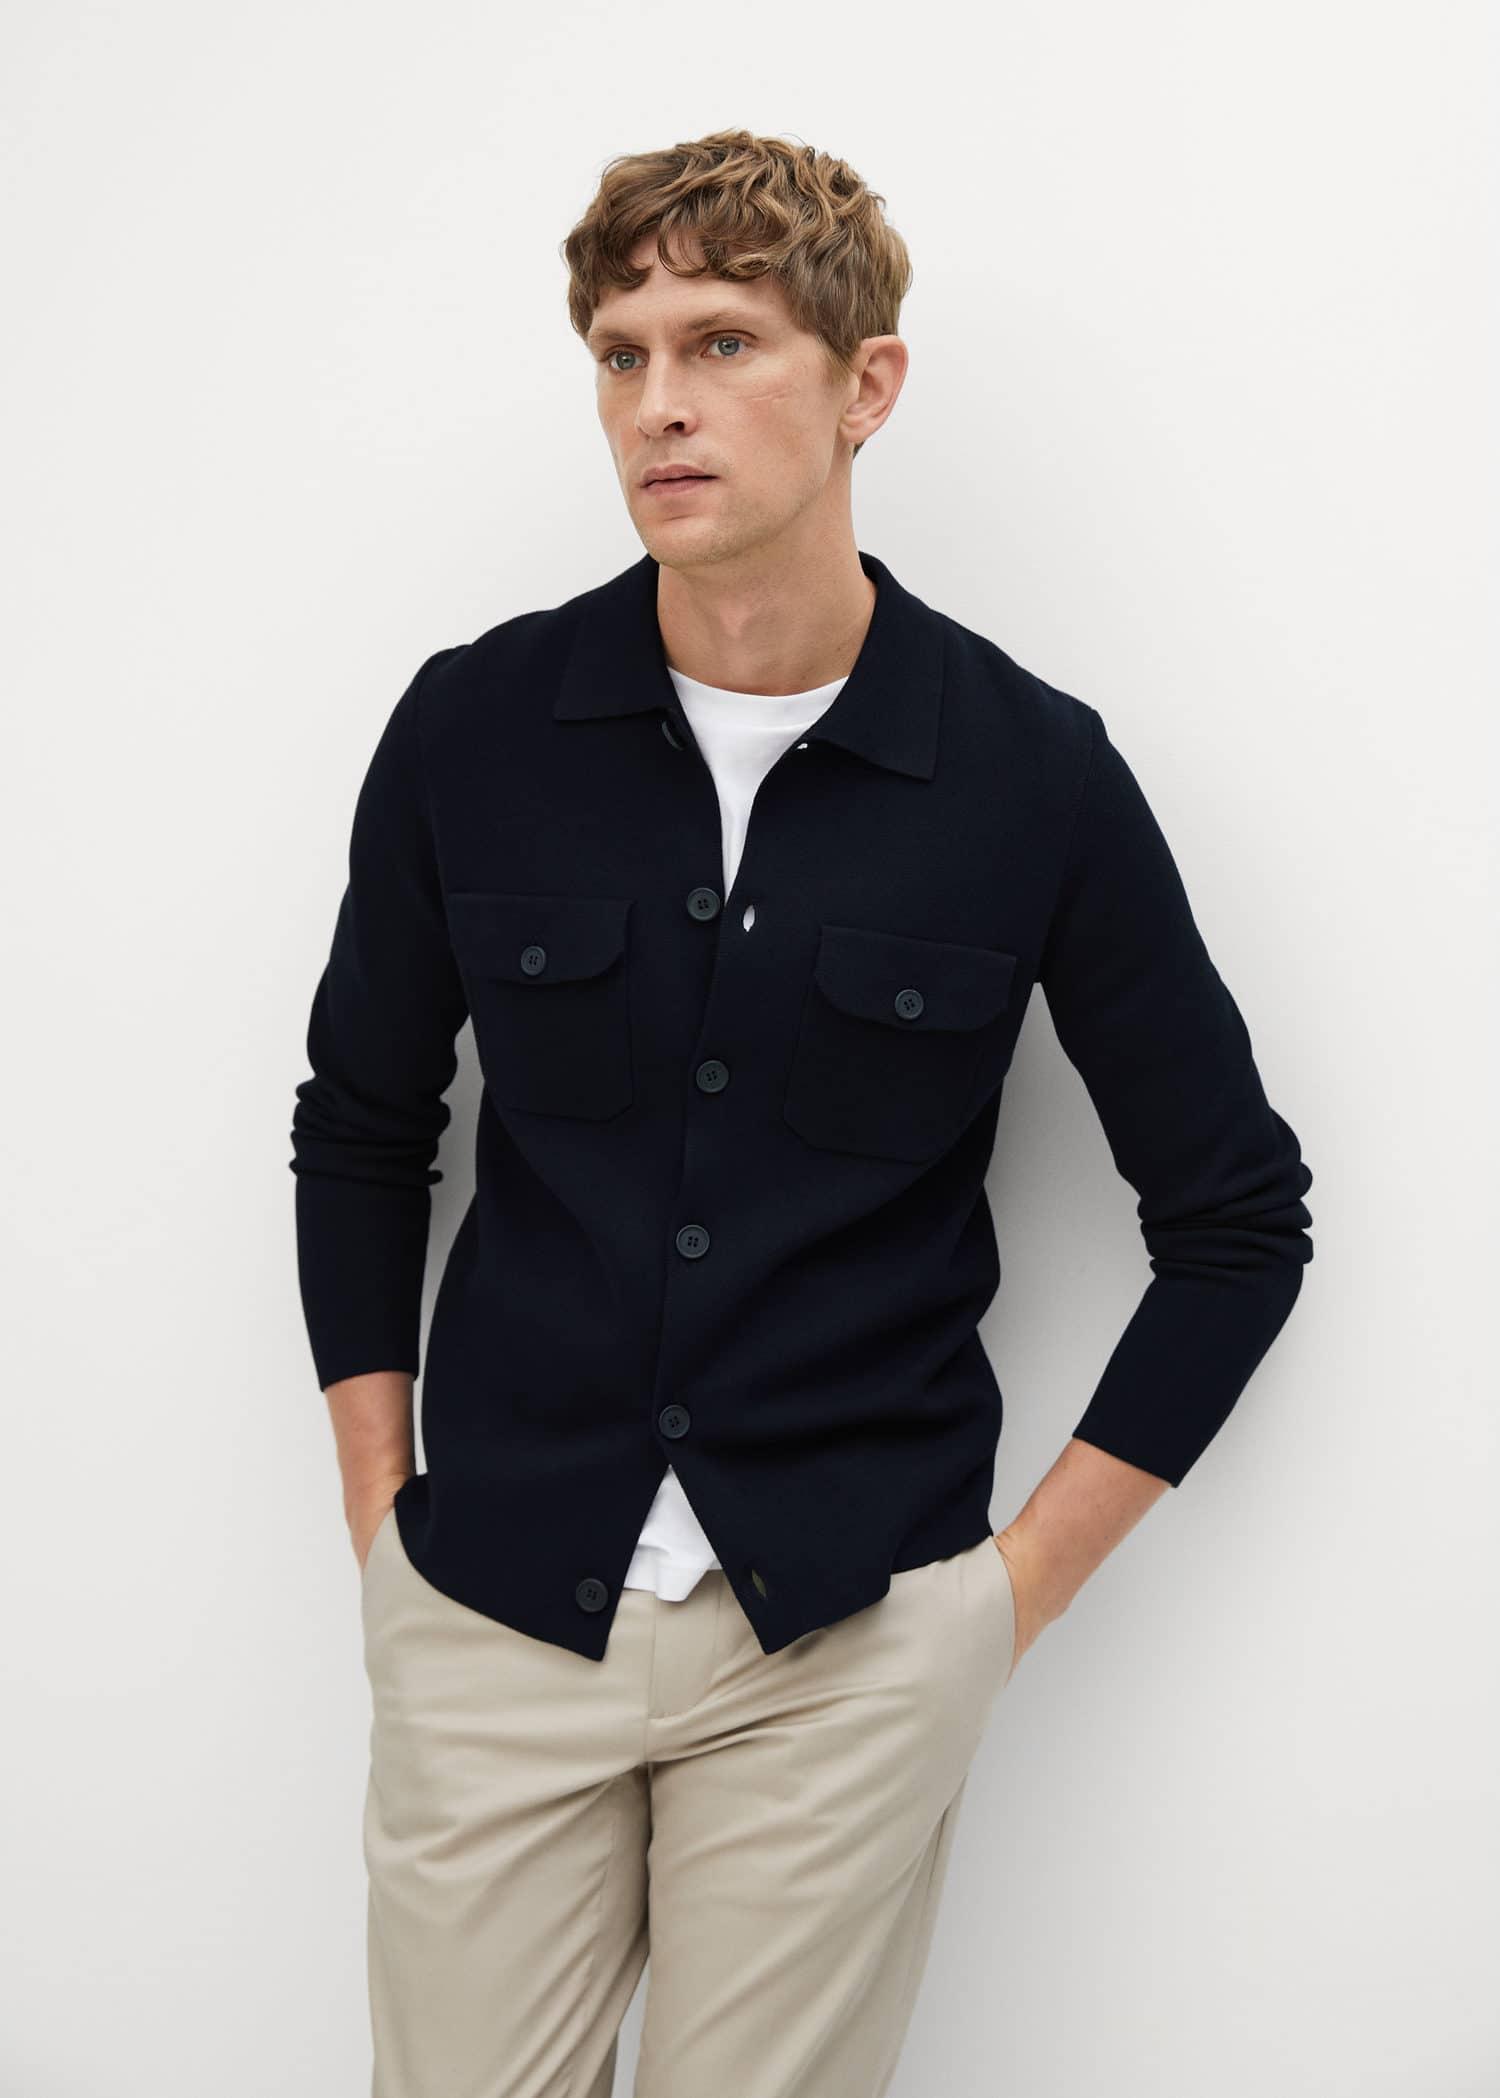 Skjorter for Menn 2020 | Mango Man Norge